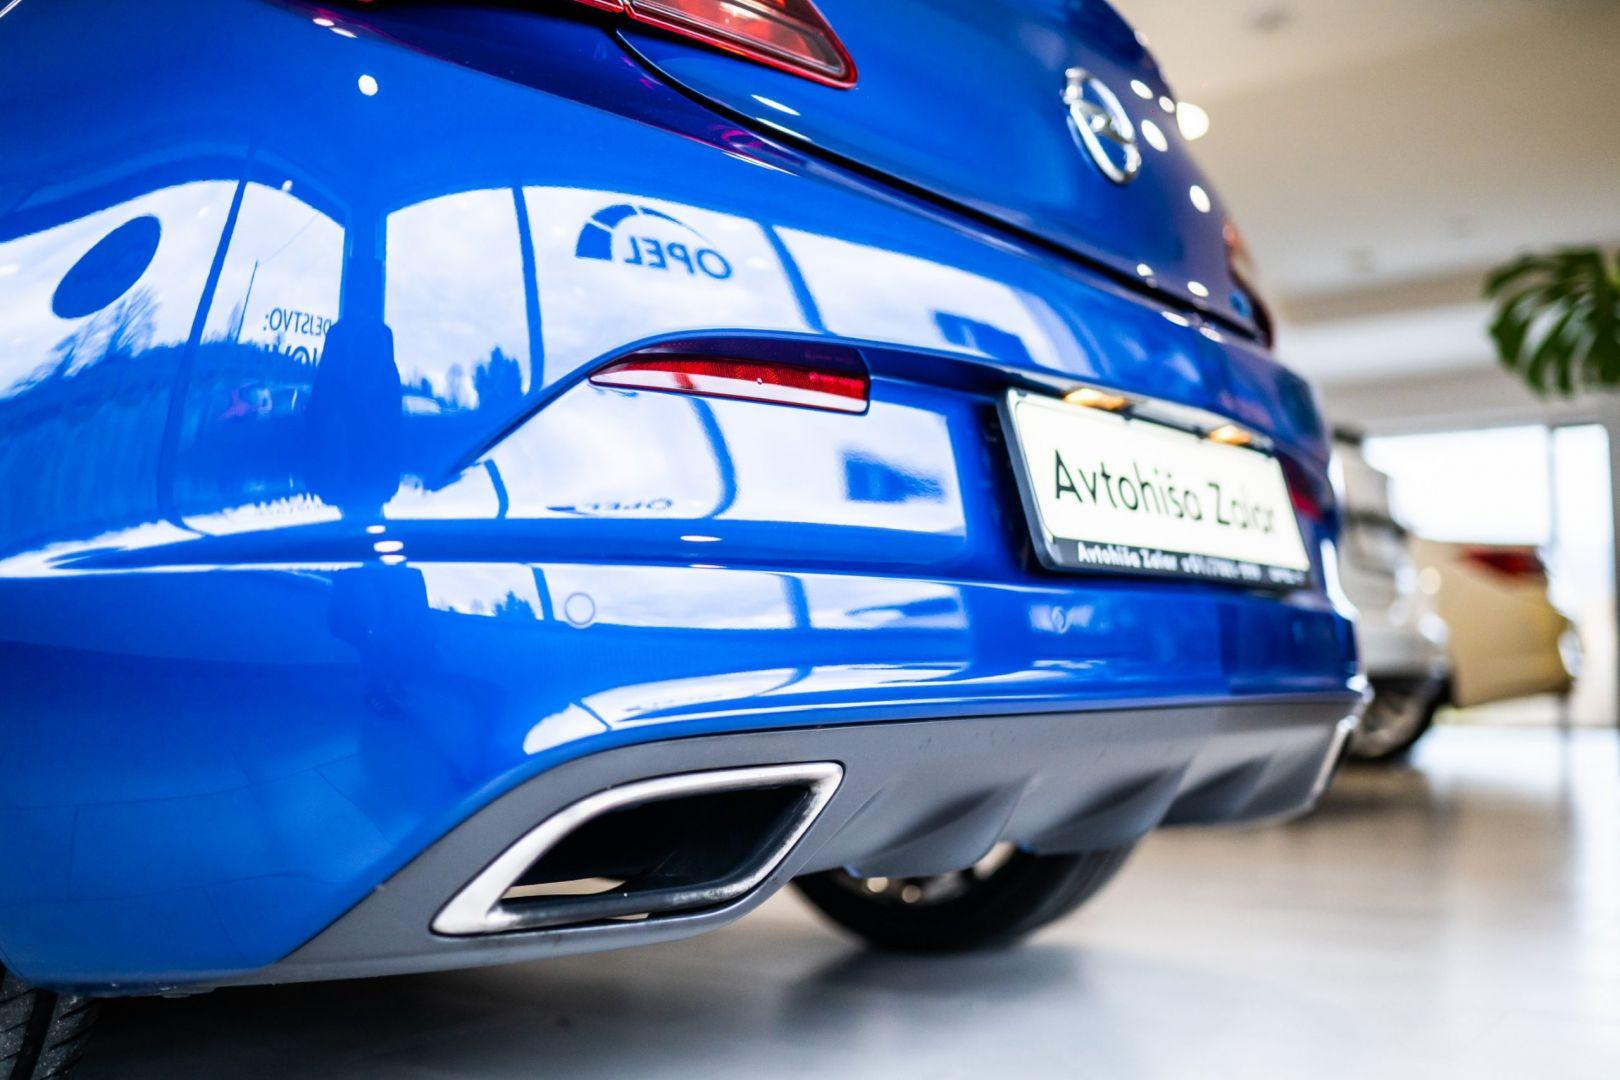 avtohisa-zalar-nova-rabljena-vozila-servis-prodaja-vzdrzevanje-zavarovanje-svetovanje (46)